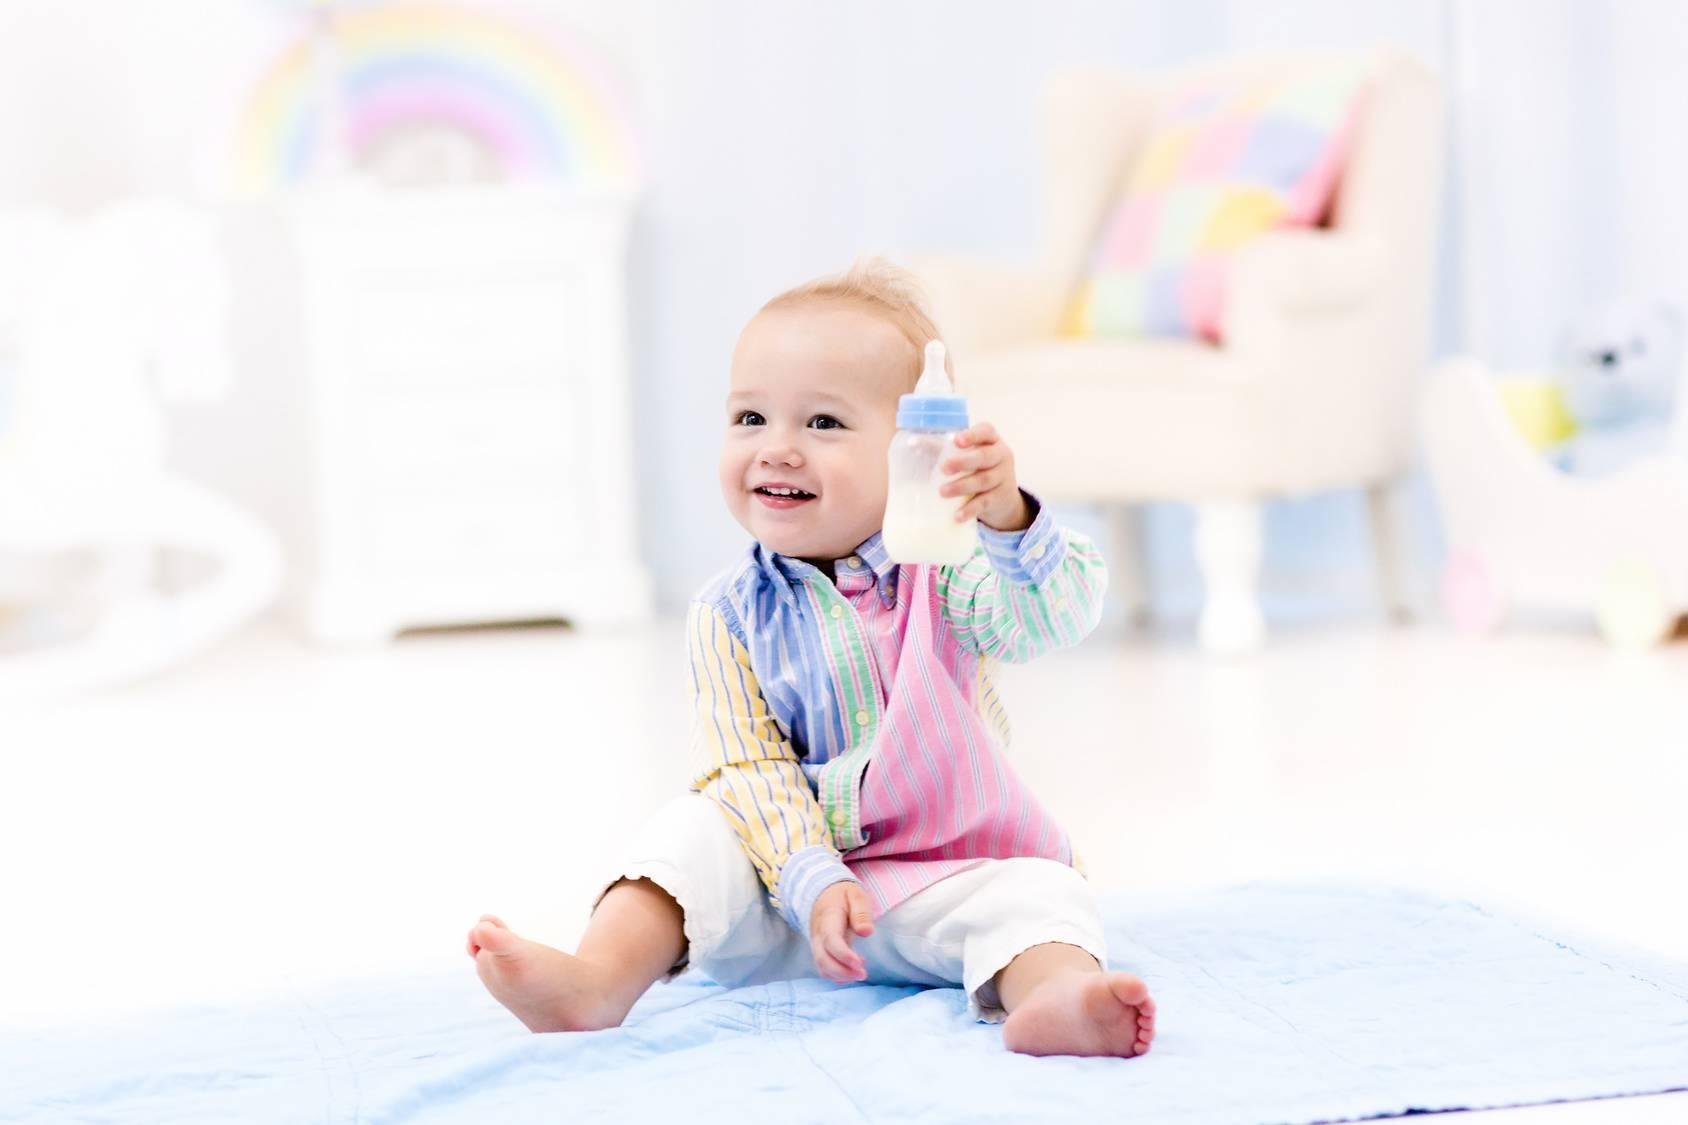 Jak rozszerzać dietę niemowlaka? Co podawać do jedzenia i picia w konkretnych miesiącach?